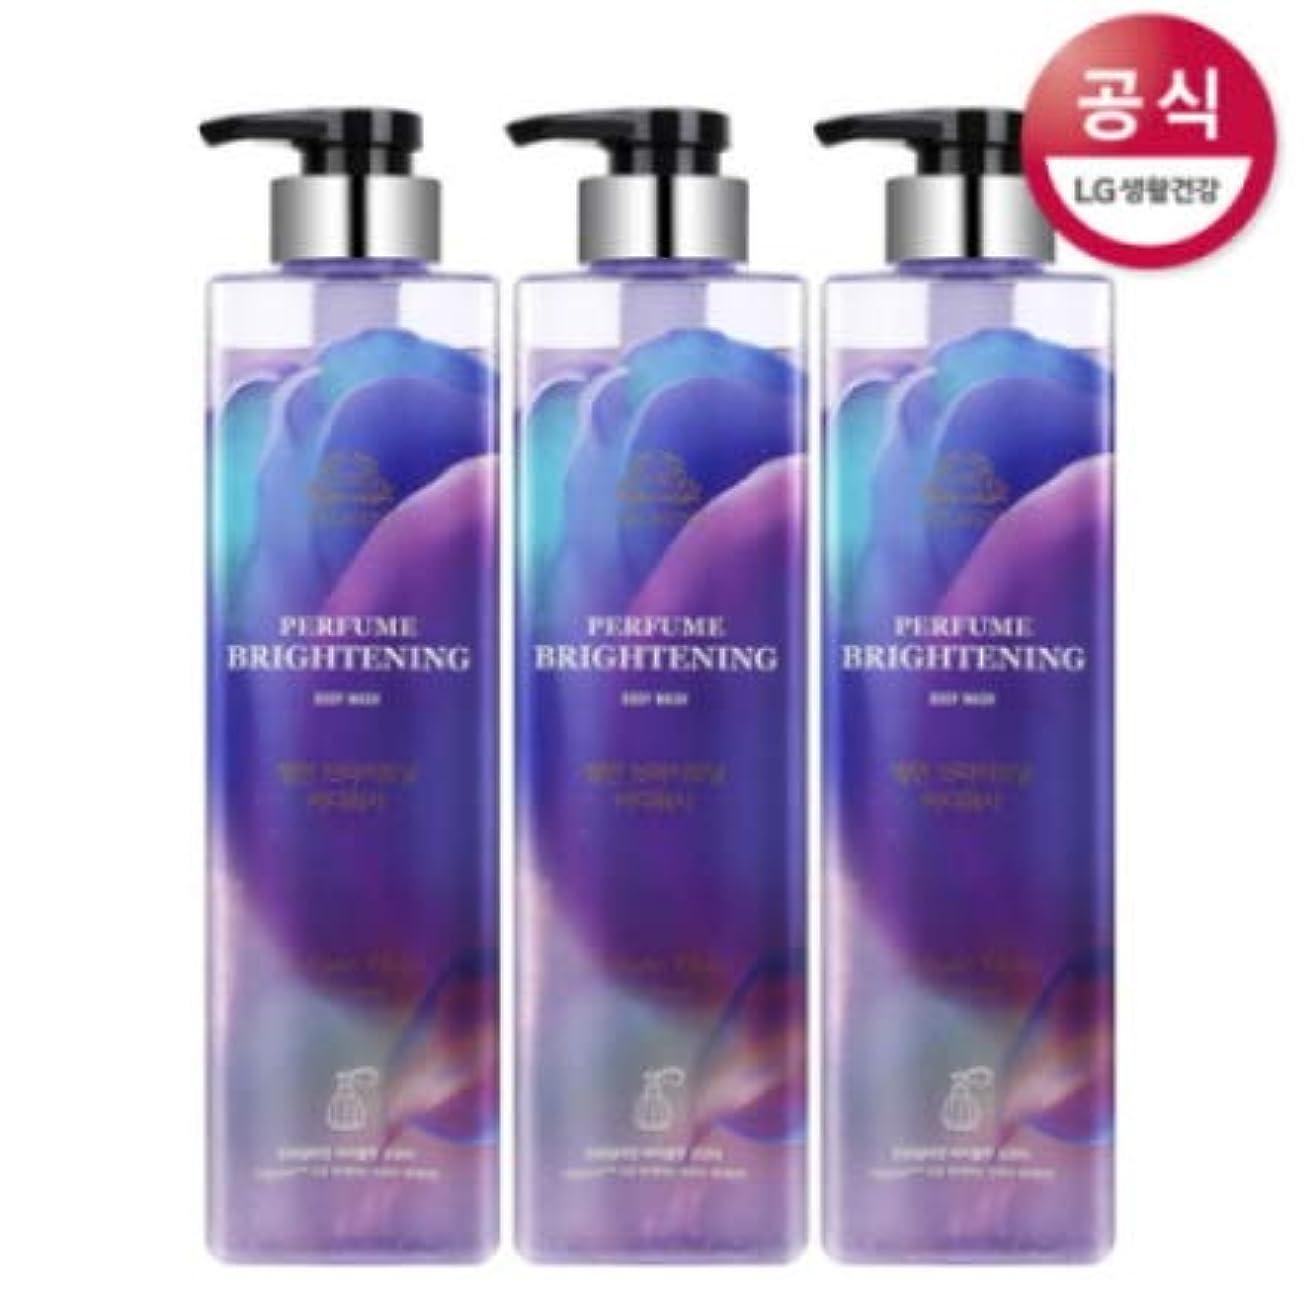 トリップ手綱傾向があります[LG HnB] On the Body Belman Perfume Brightening Body Wash / オンザボディベルモンパフュームブライトニングボディウォッシュ680mlx3個(海外直送品)